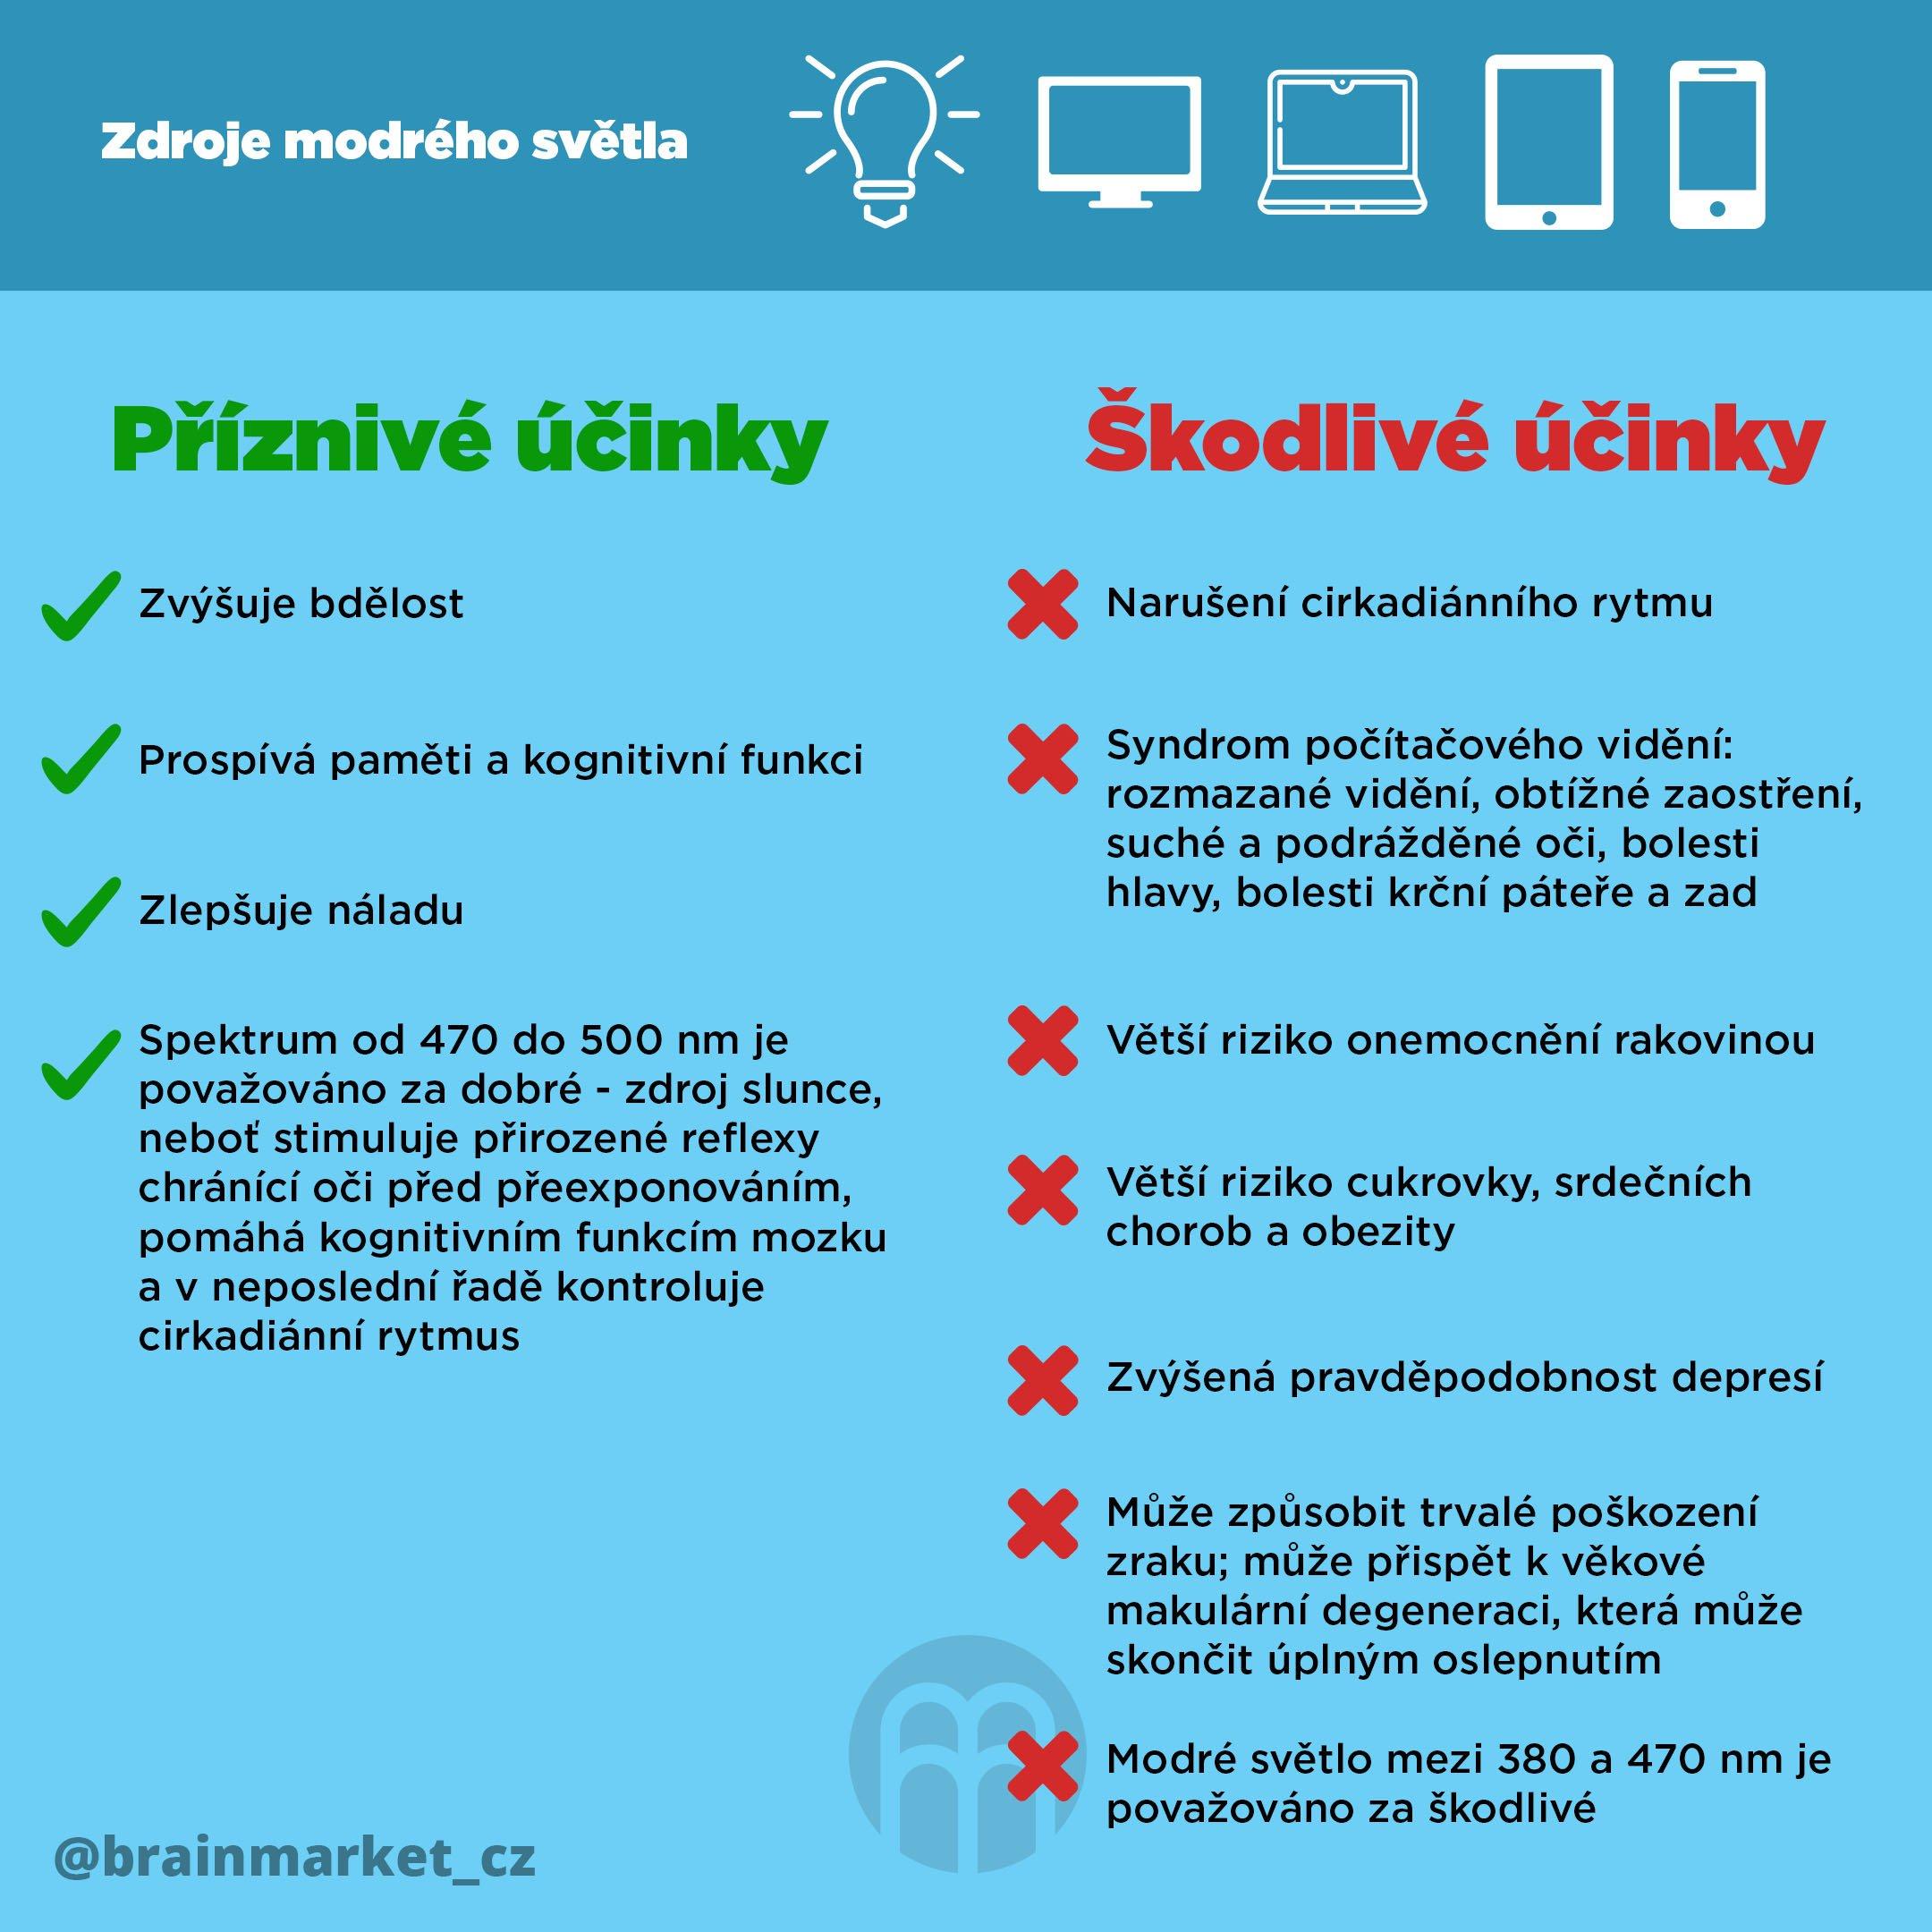 zdroje-modreho-svetla-infografika-instagram-brainmarket-2